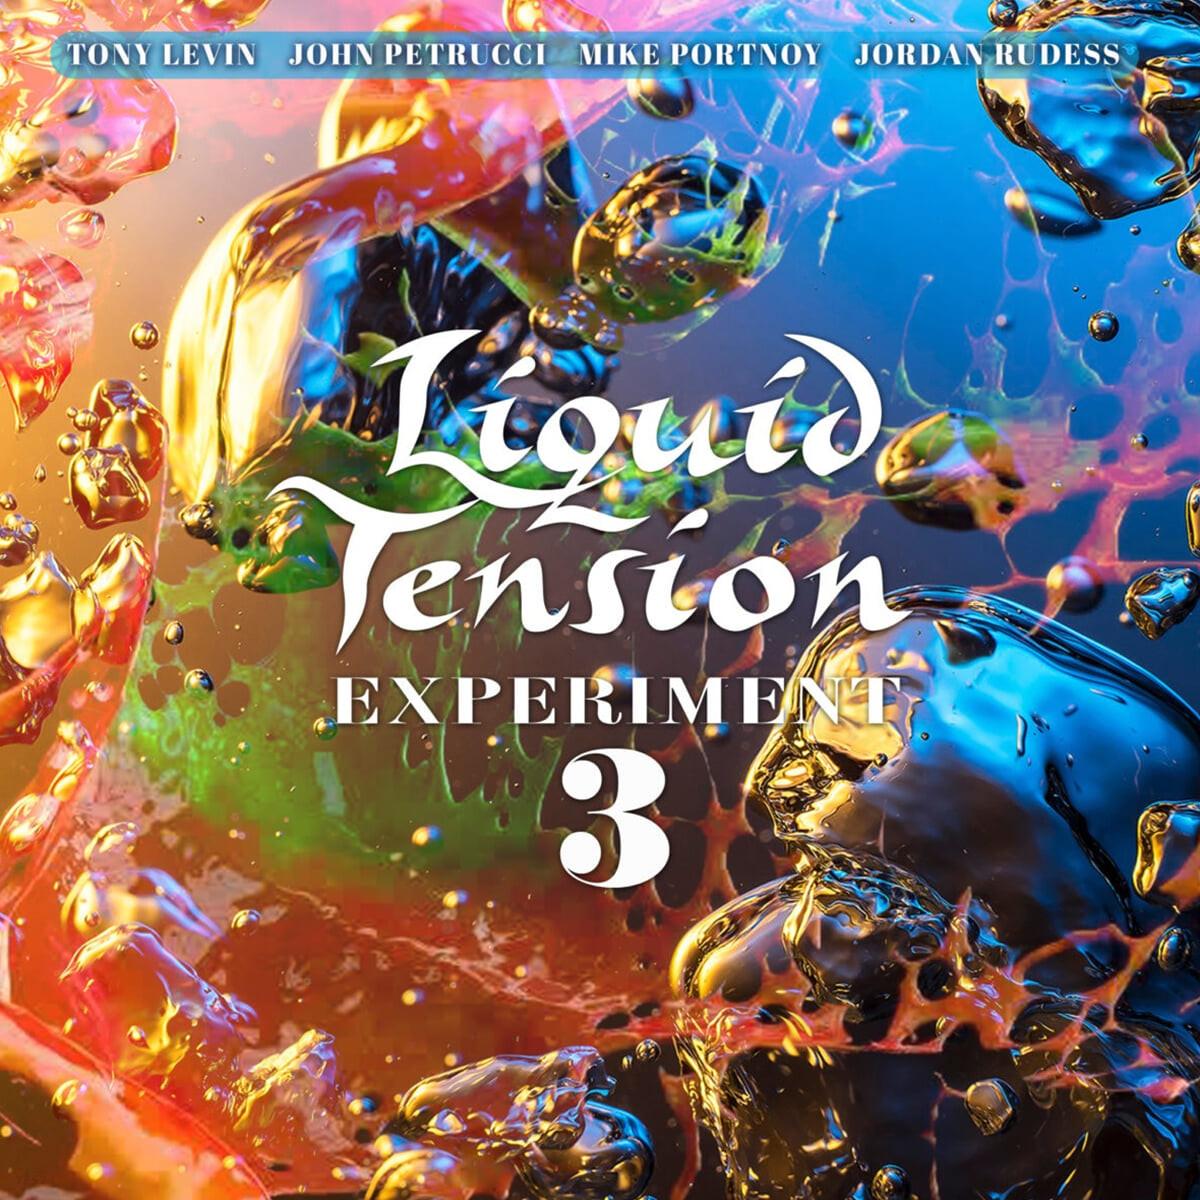 Liquid Tension Experiment (리퀴드 텐션 익스페리먼트) - Liquid Tension Experiment 3